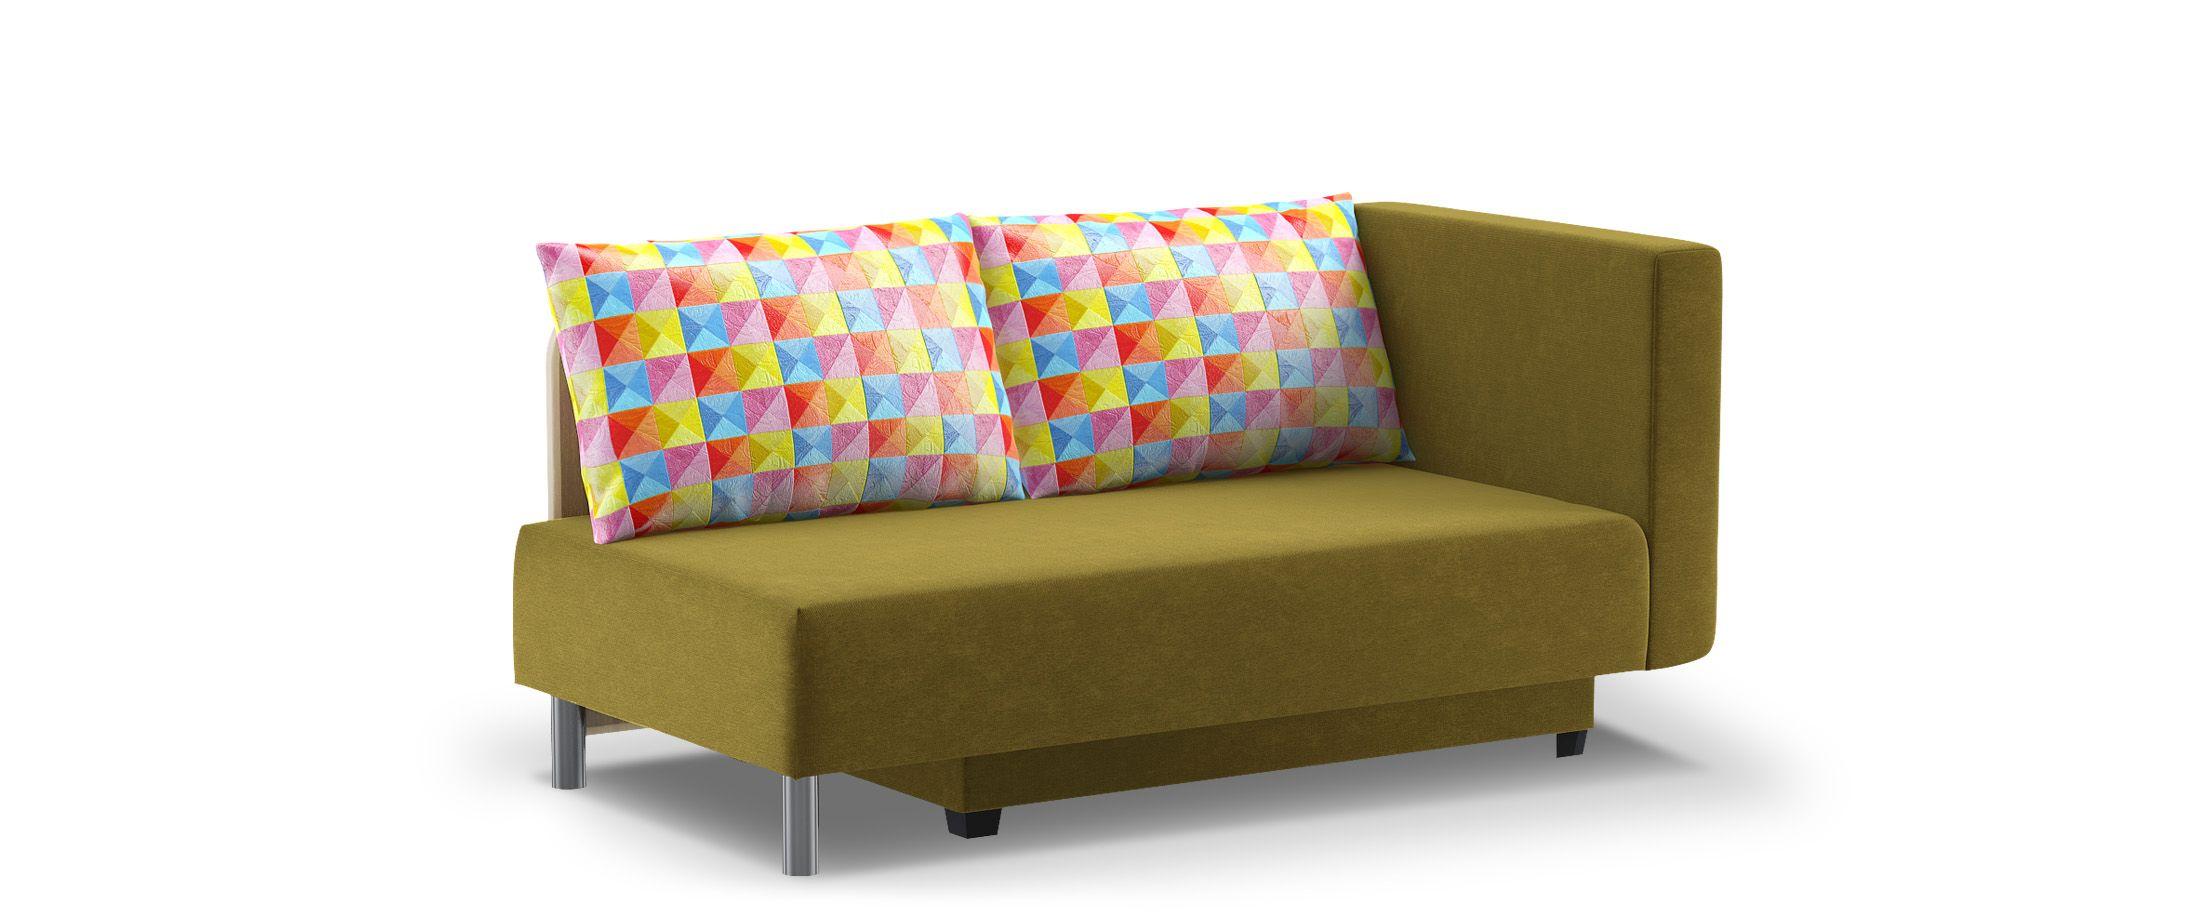 Диван прямой еврокнижка Лион 060Гостевой вариант и полноценное спальное место. Размеры 155х84х79 см. Купить желтый диван еврокнижка с правым подлокотником в интернет-магазине MOON-TRADE.RU.<br>